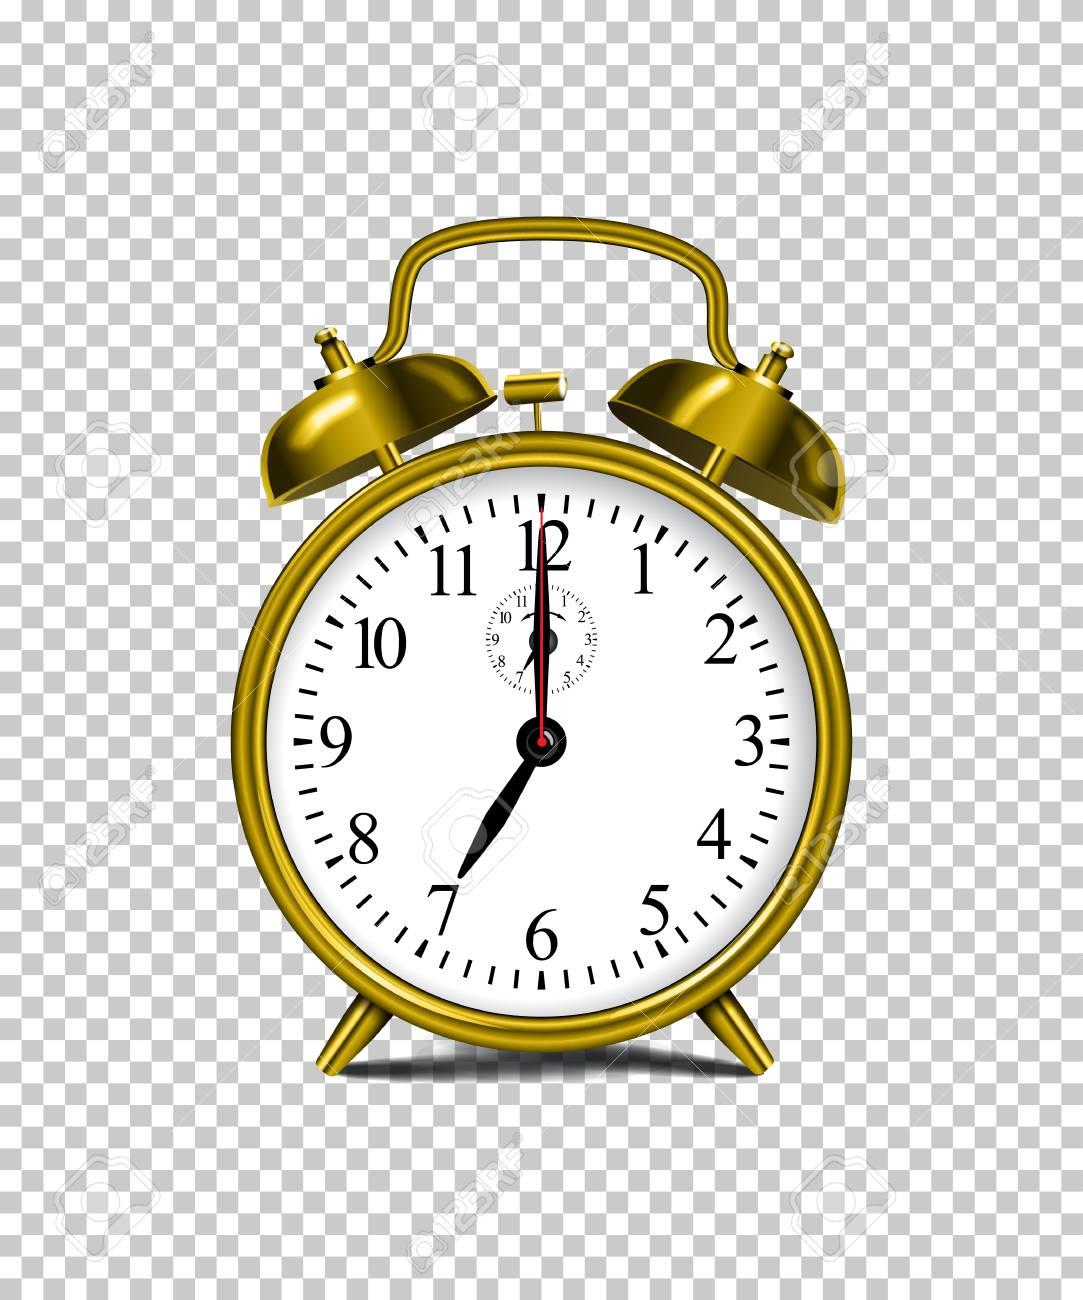 Alarm Transparent Clock